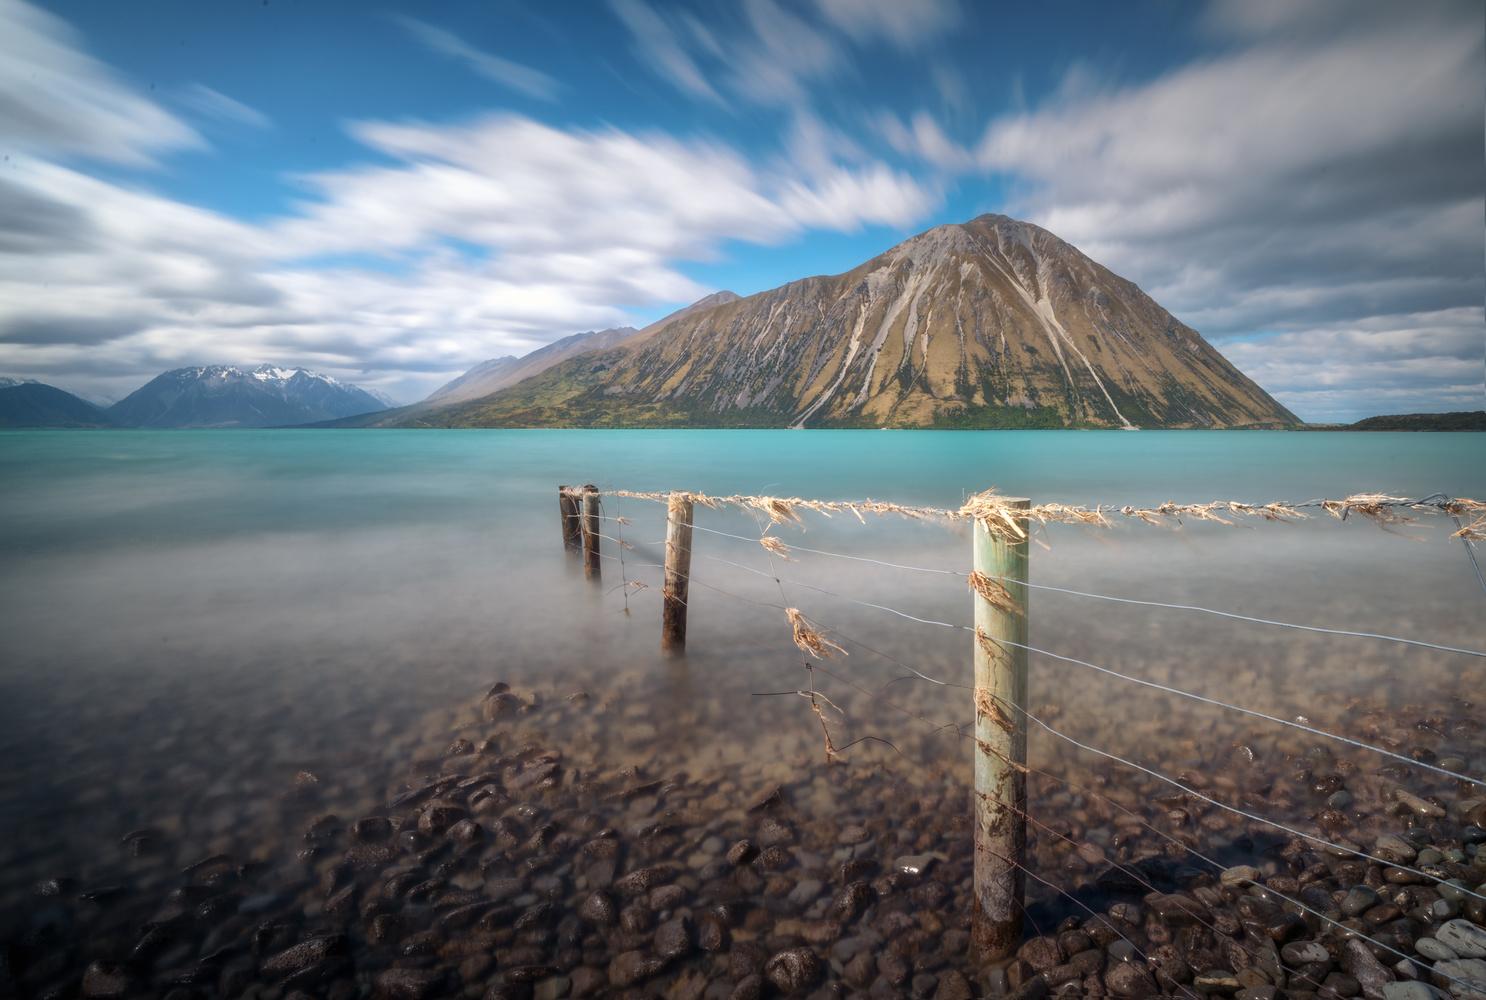 Ohau Lake by DaniGviews /Daniel